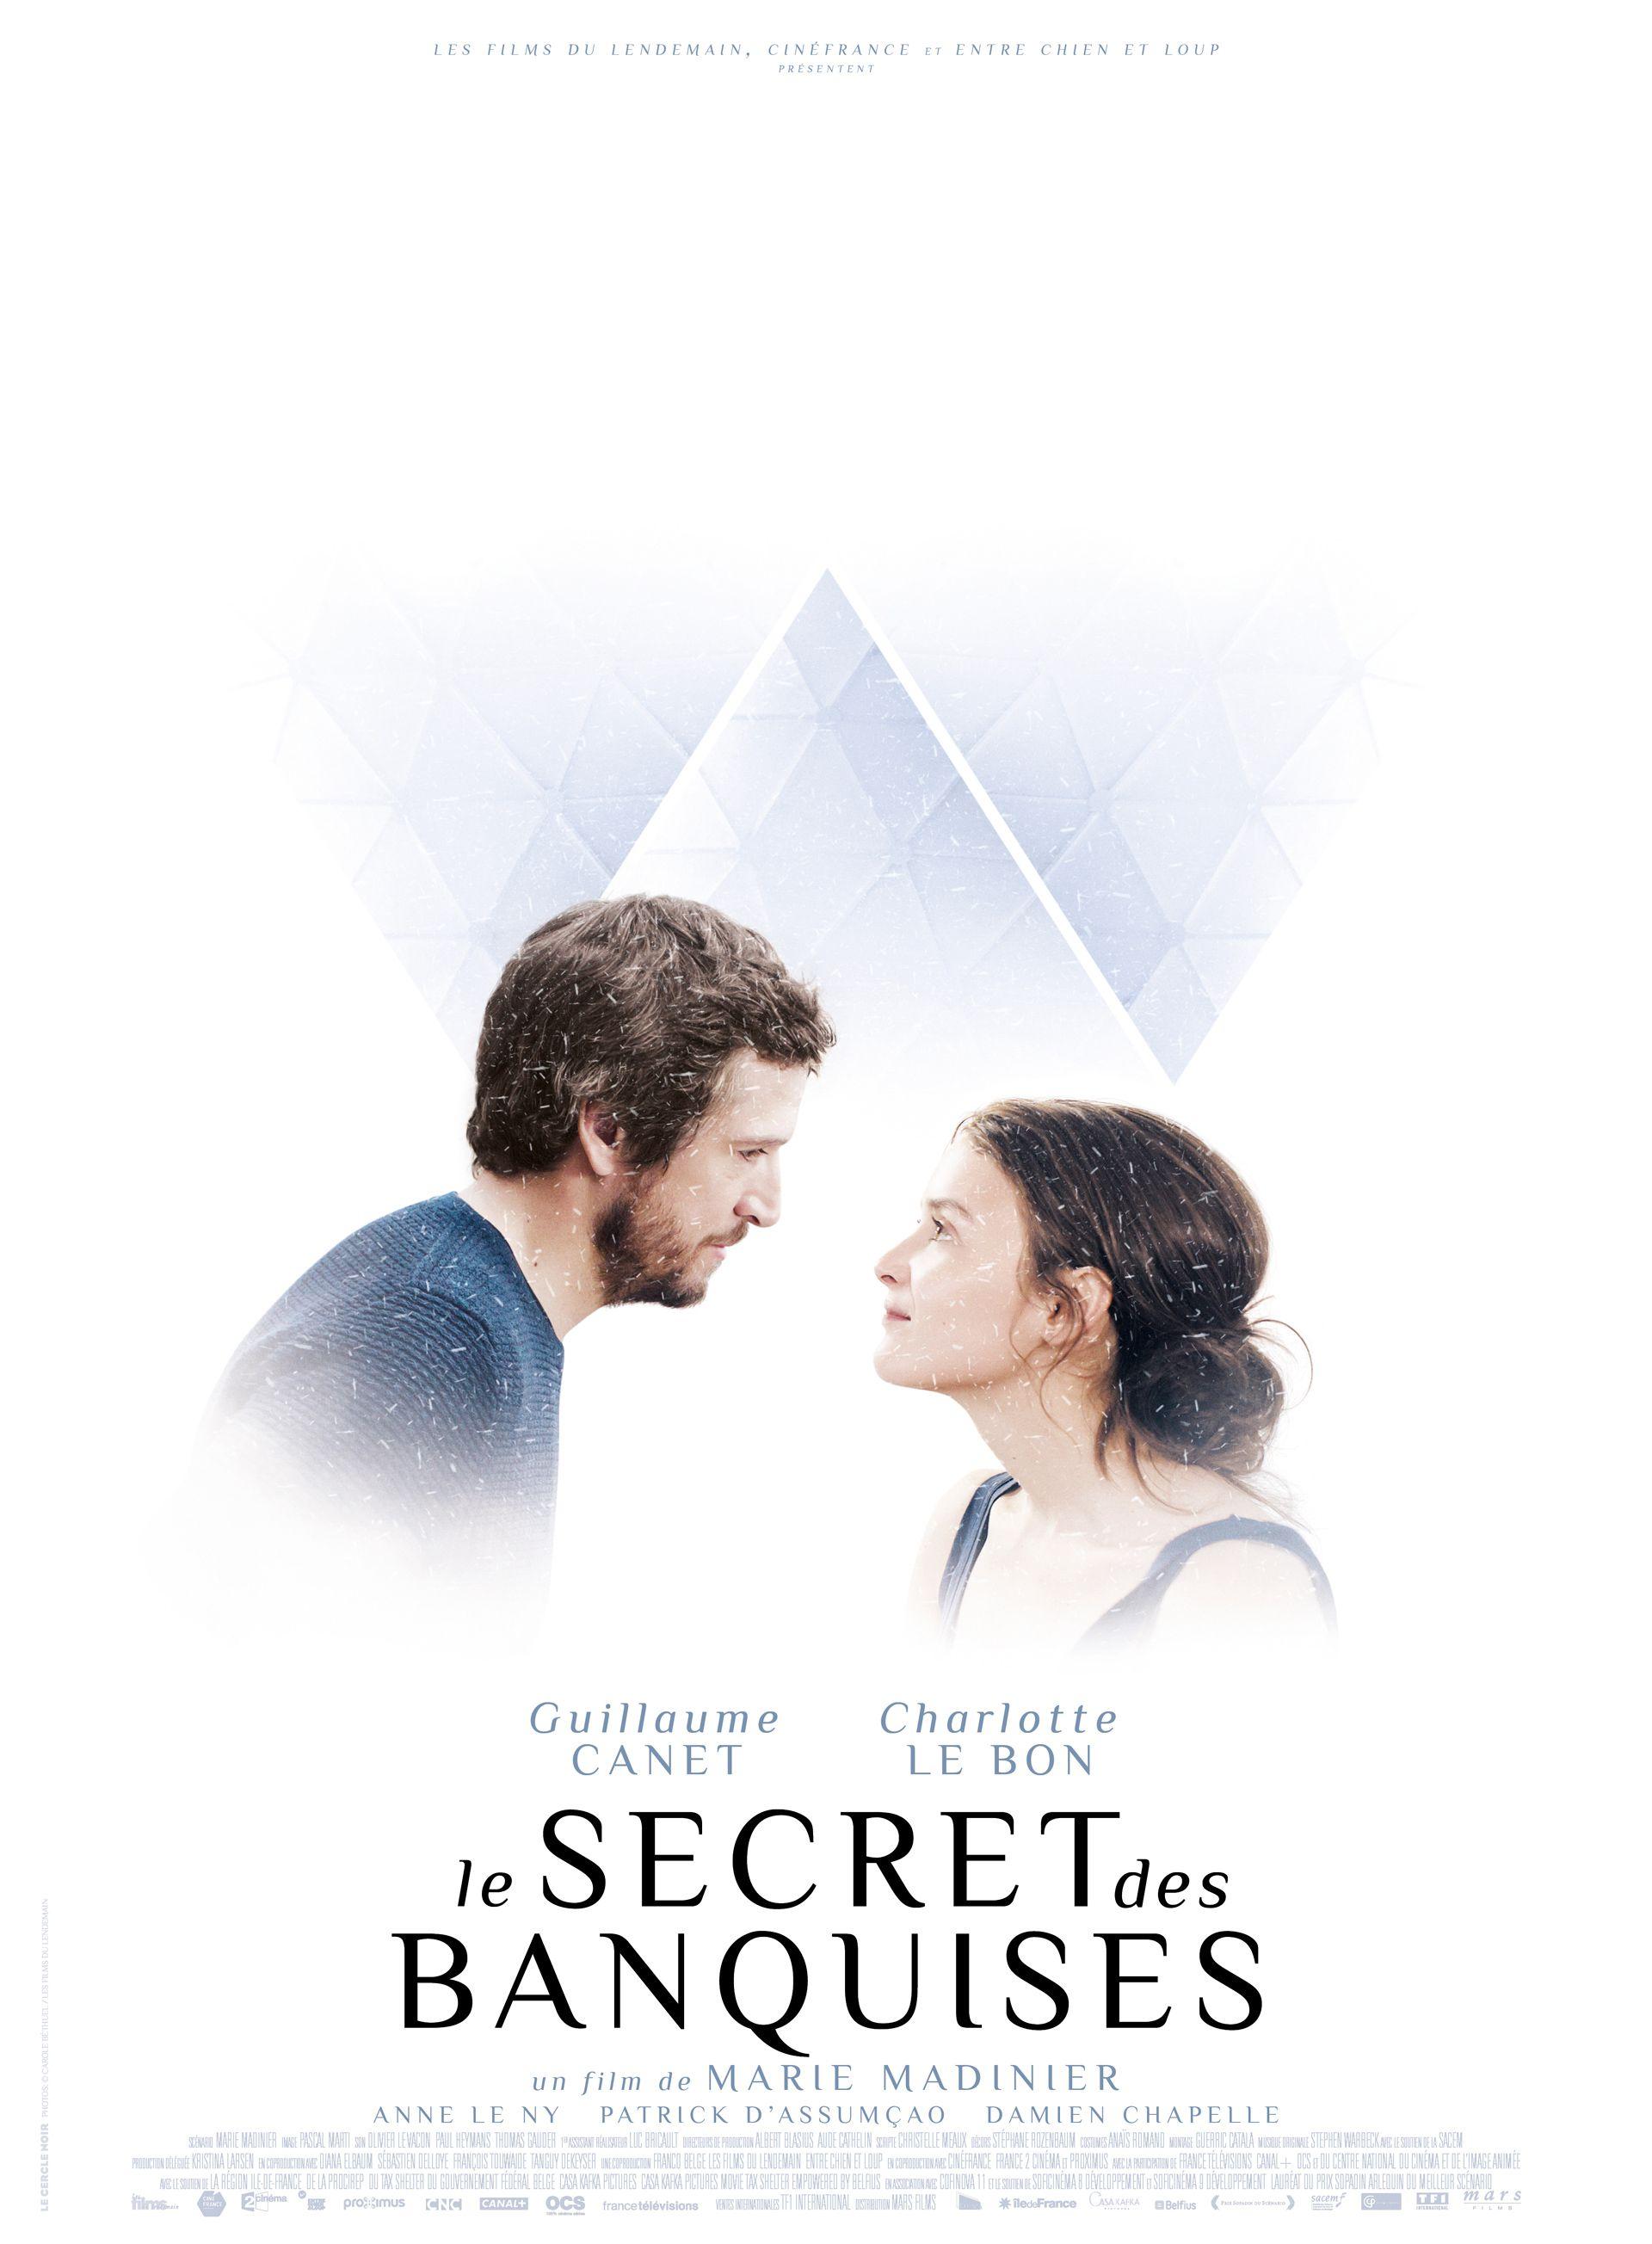 Le Secret des banquises - Film (2016)